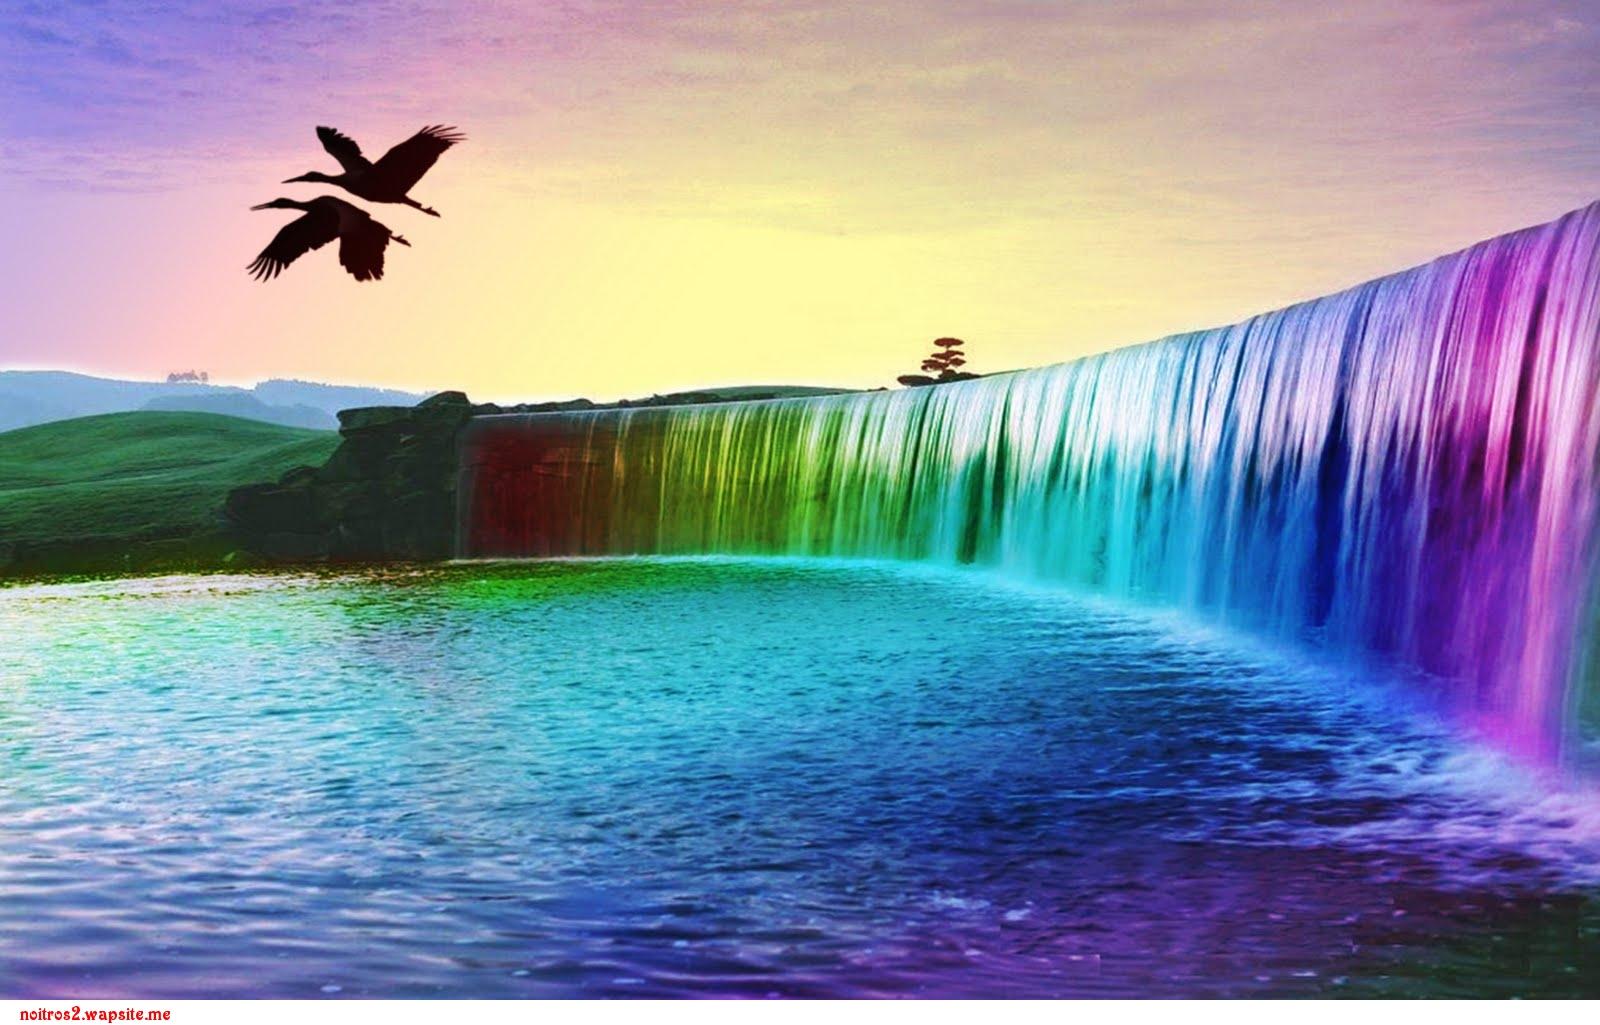 Những hình ảnh thiên nhiên đầy sắc màu vô cùng hấp dẫn.